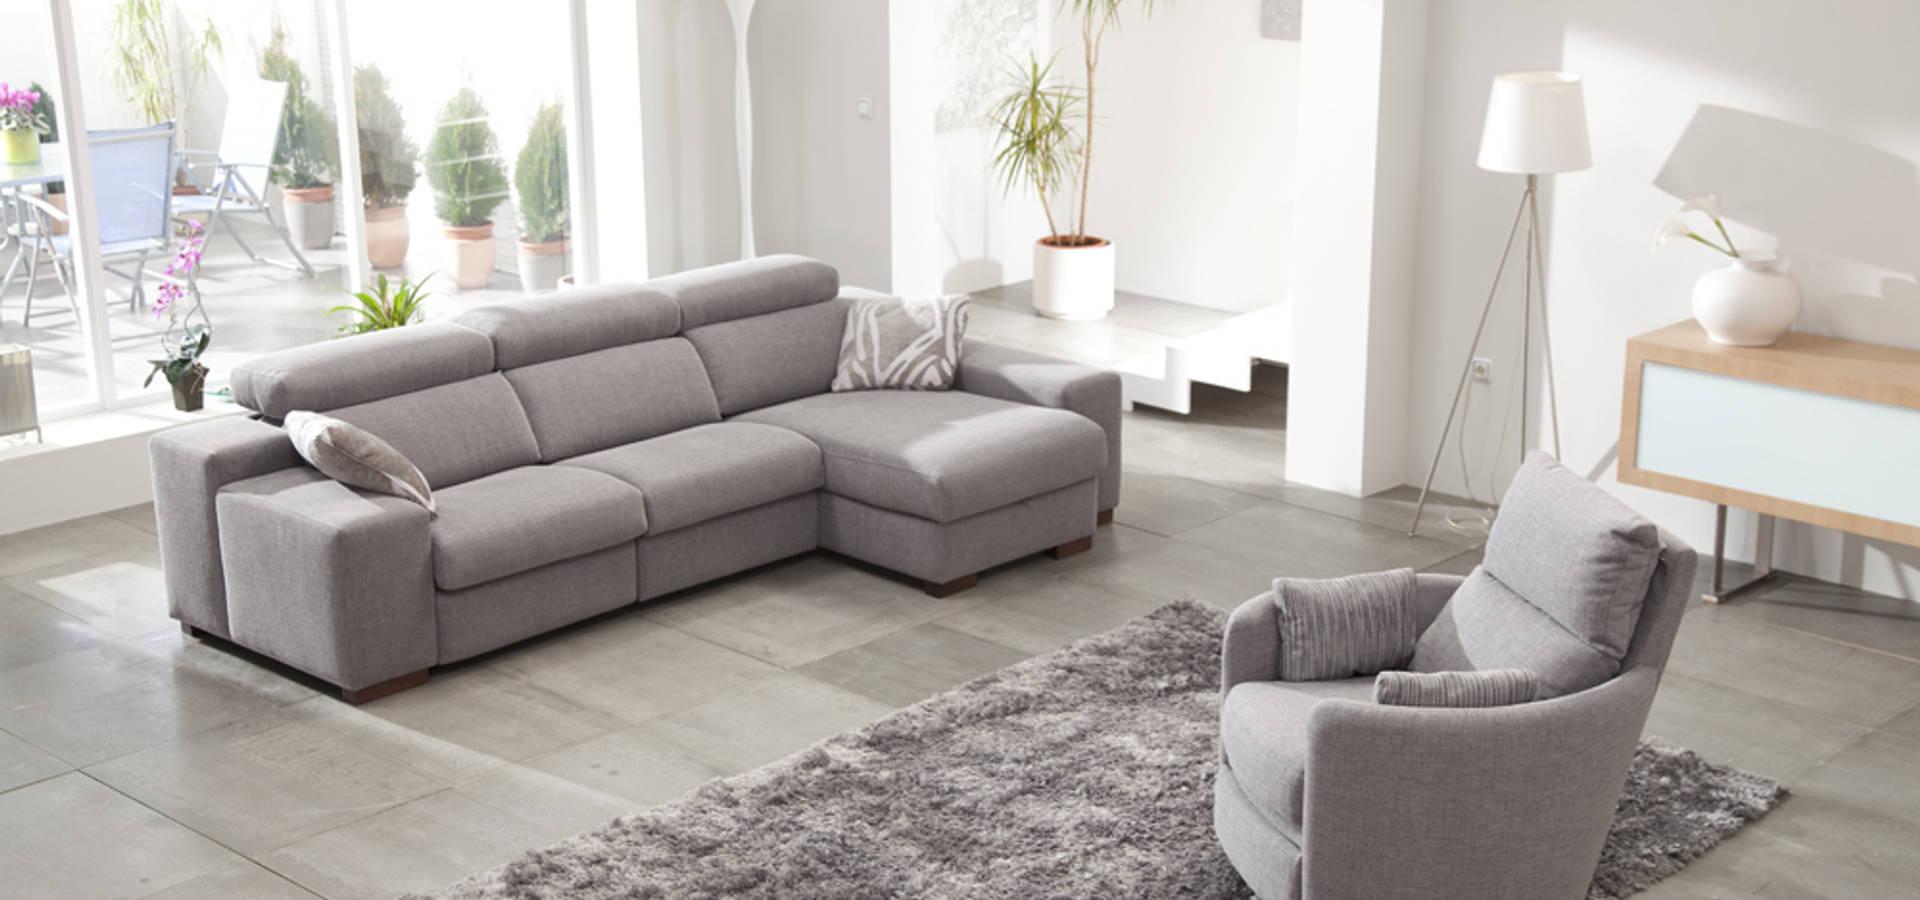 Casasola muebles muebles y accesorios en m laga marbella for Muebles casasola